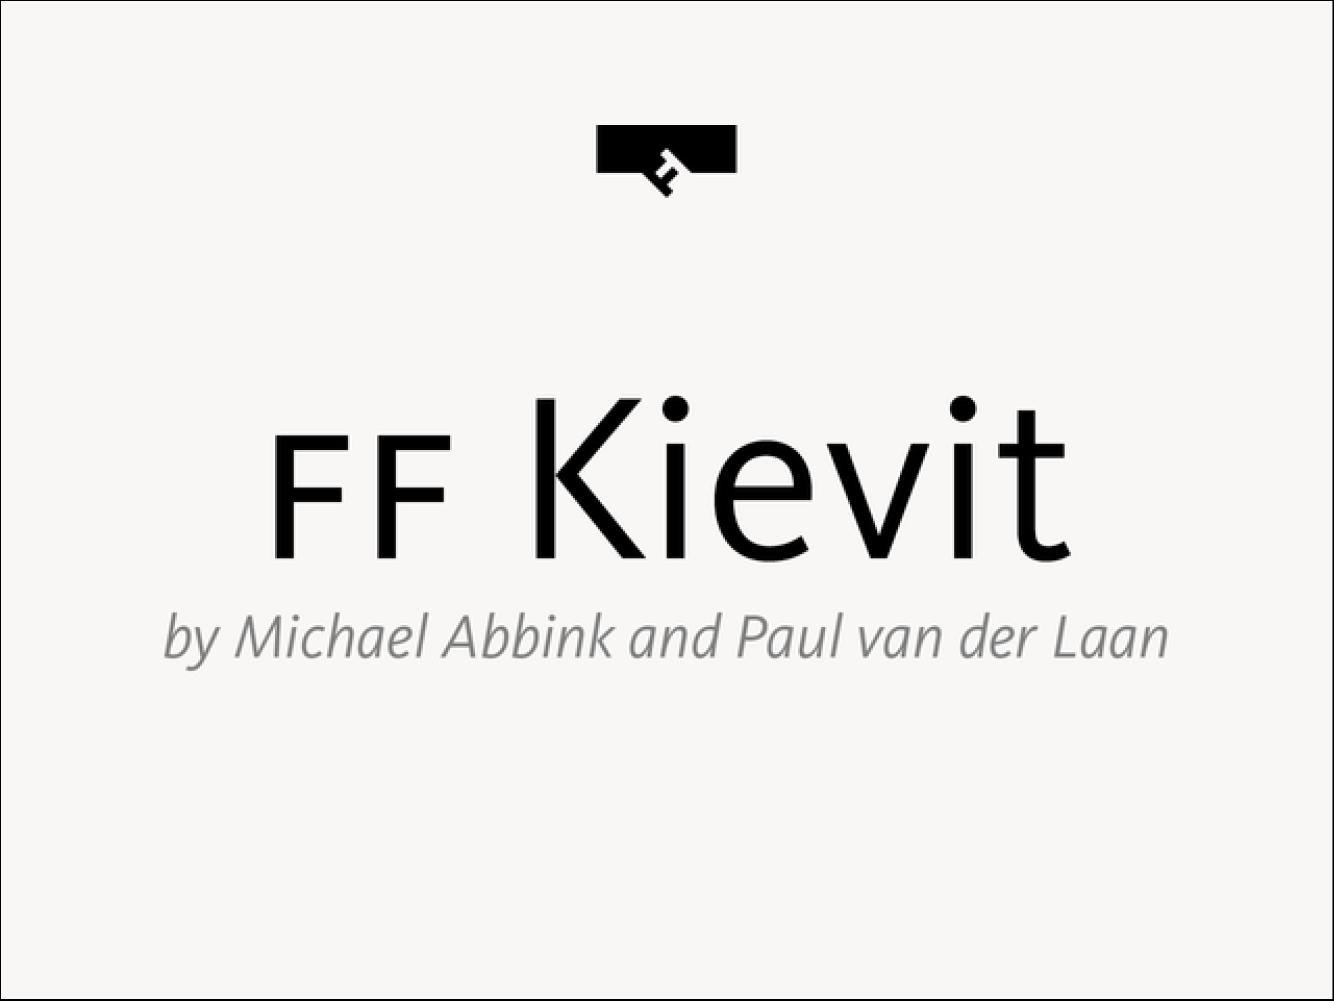 FF Kievit®